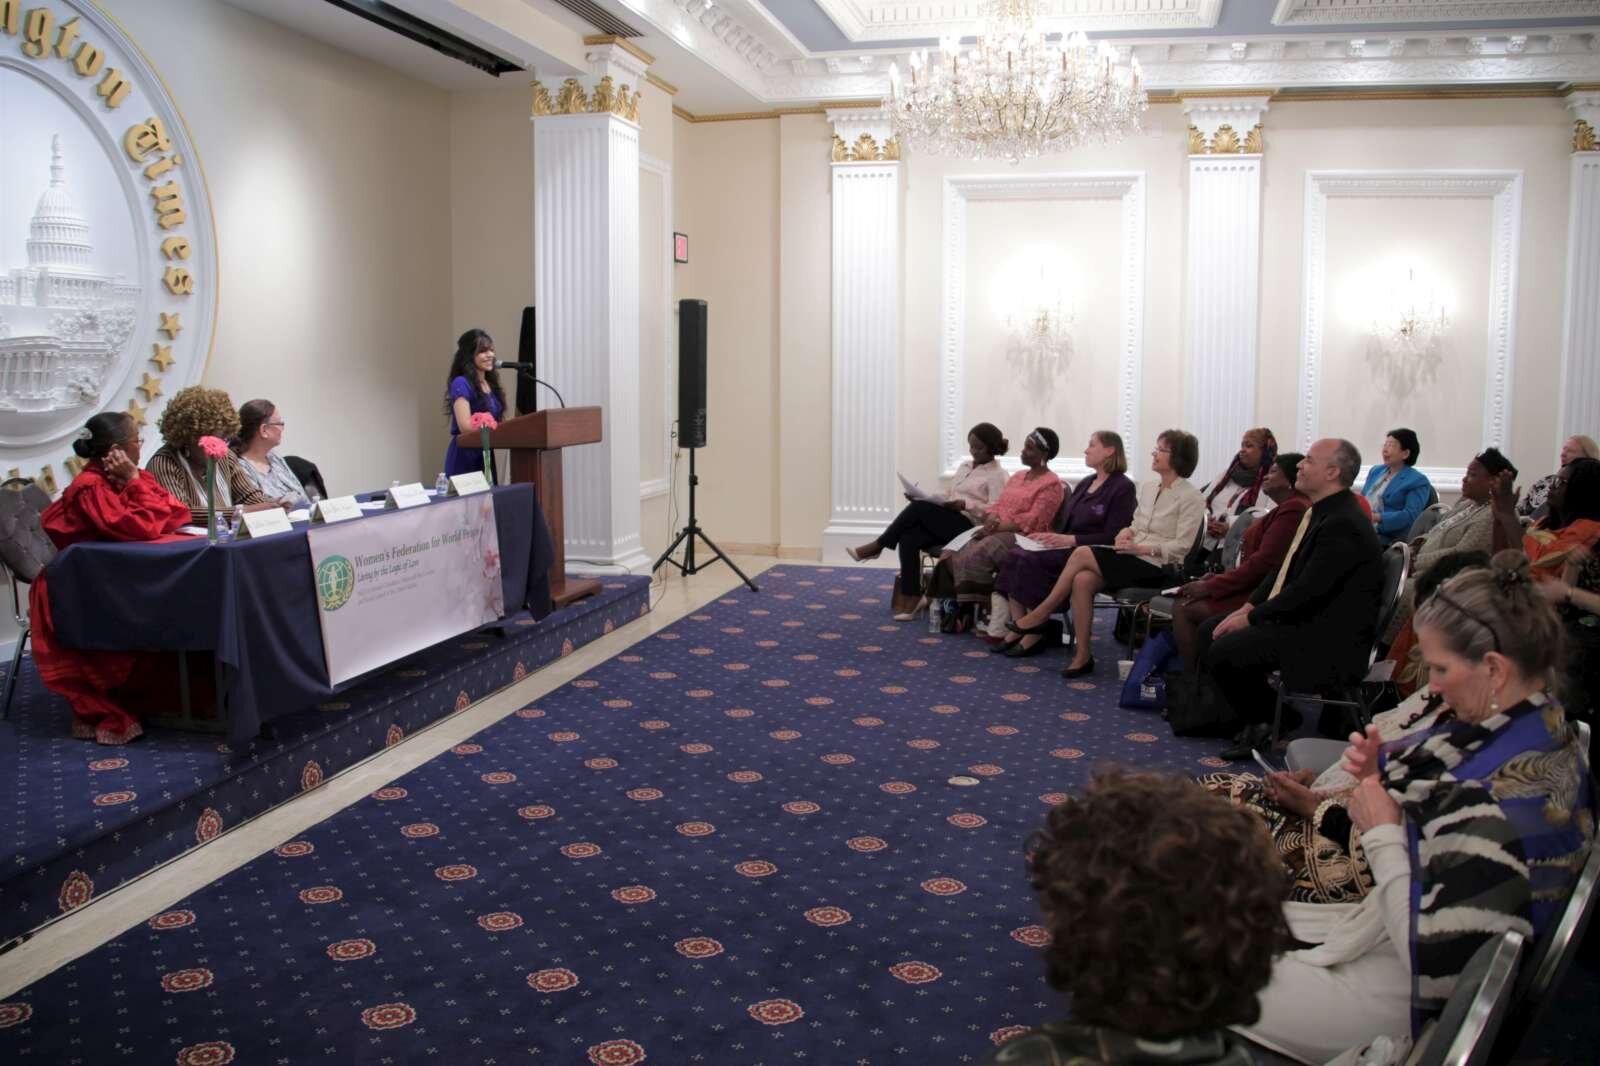 Zulfia Qahar presenting